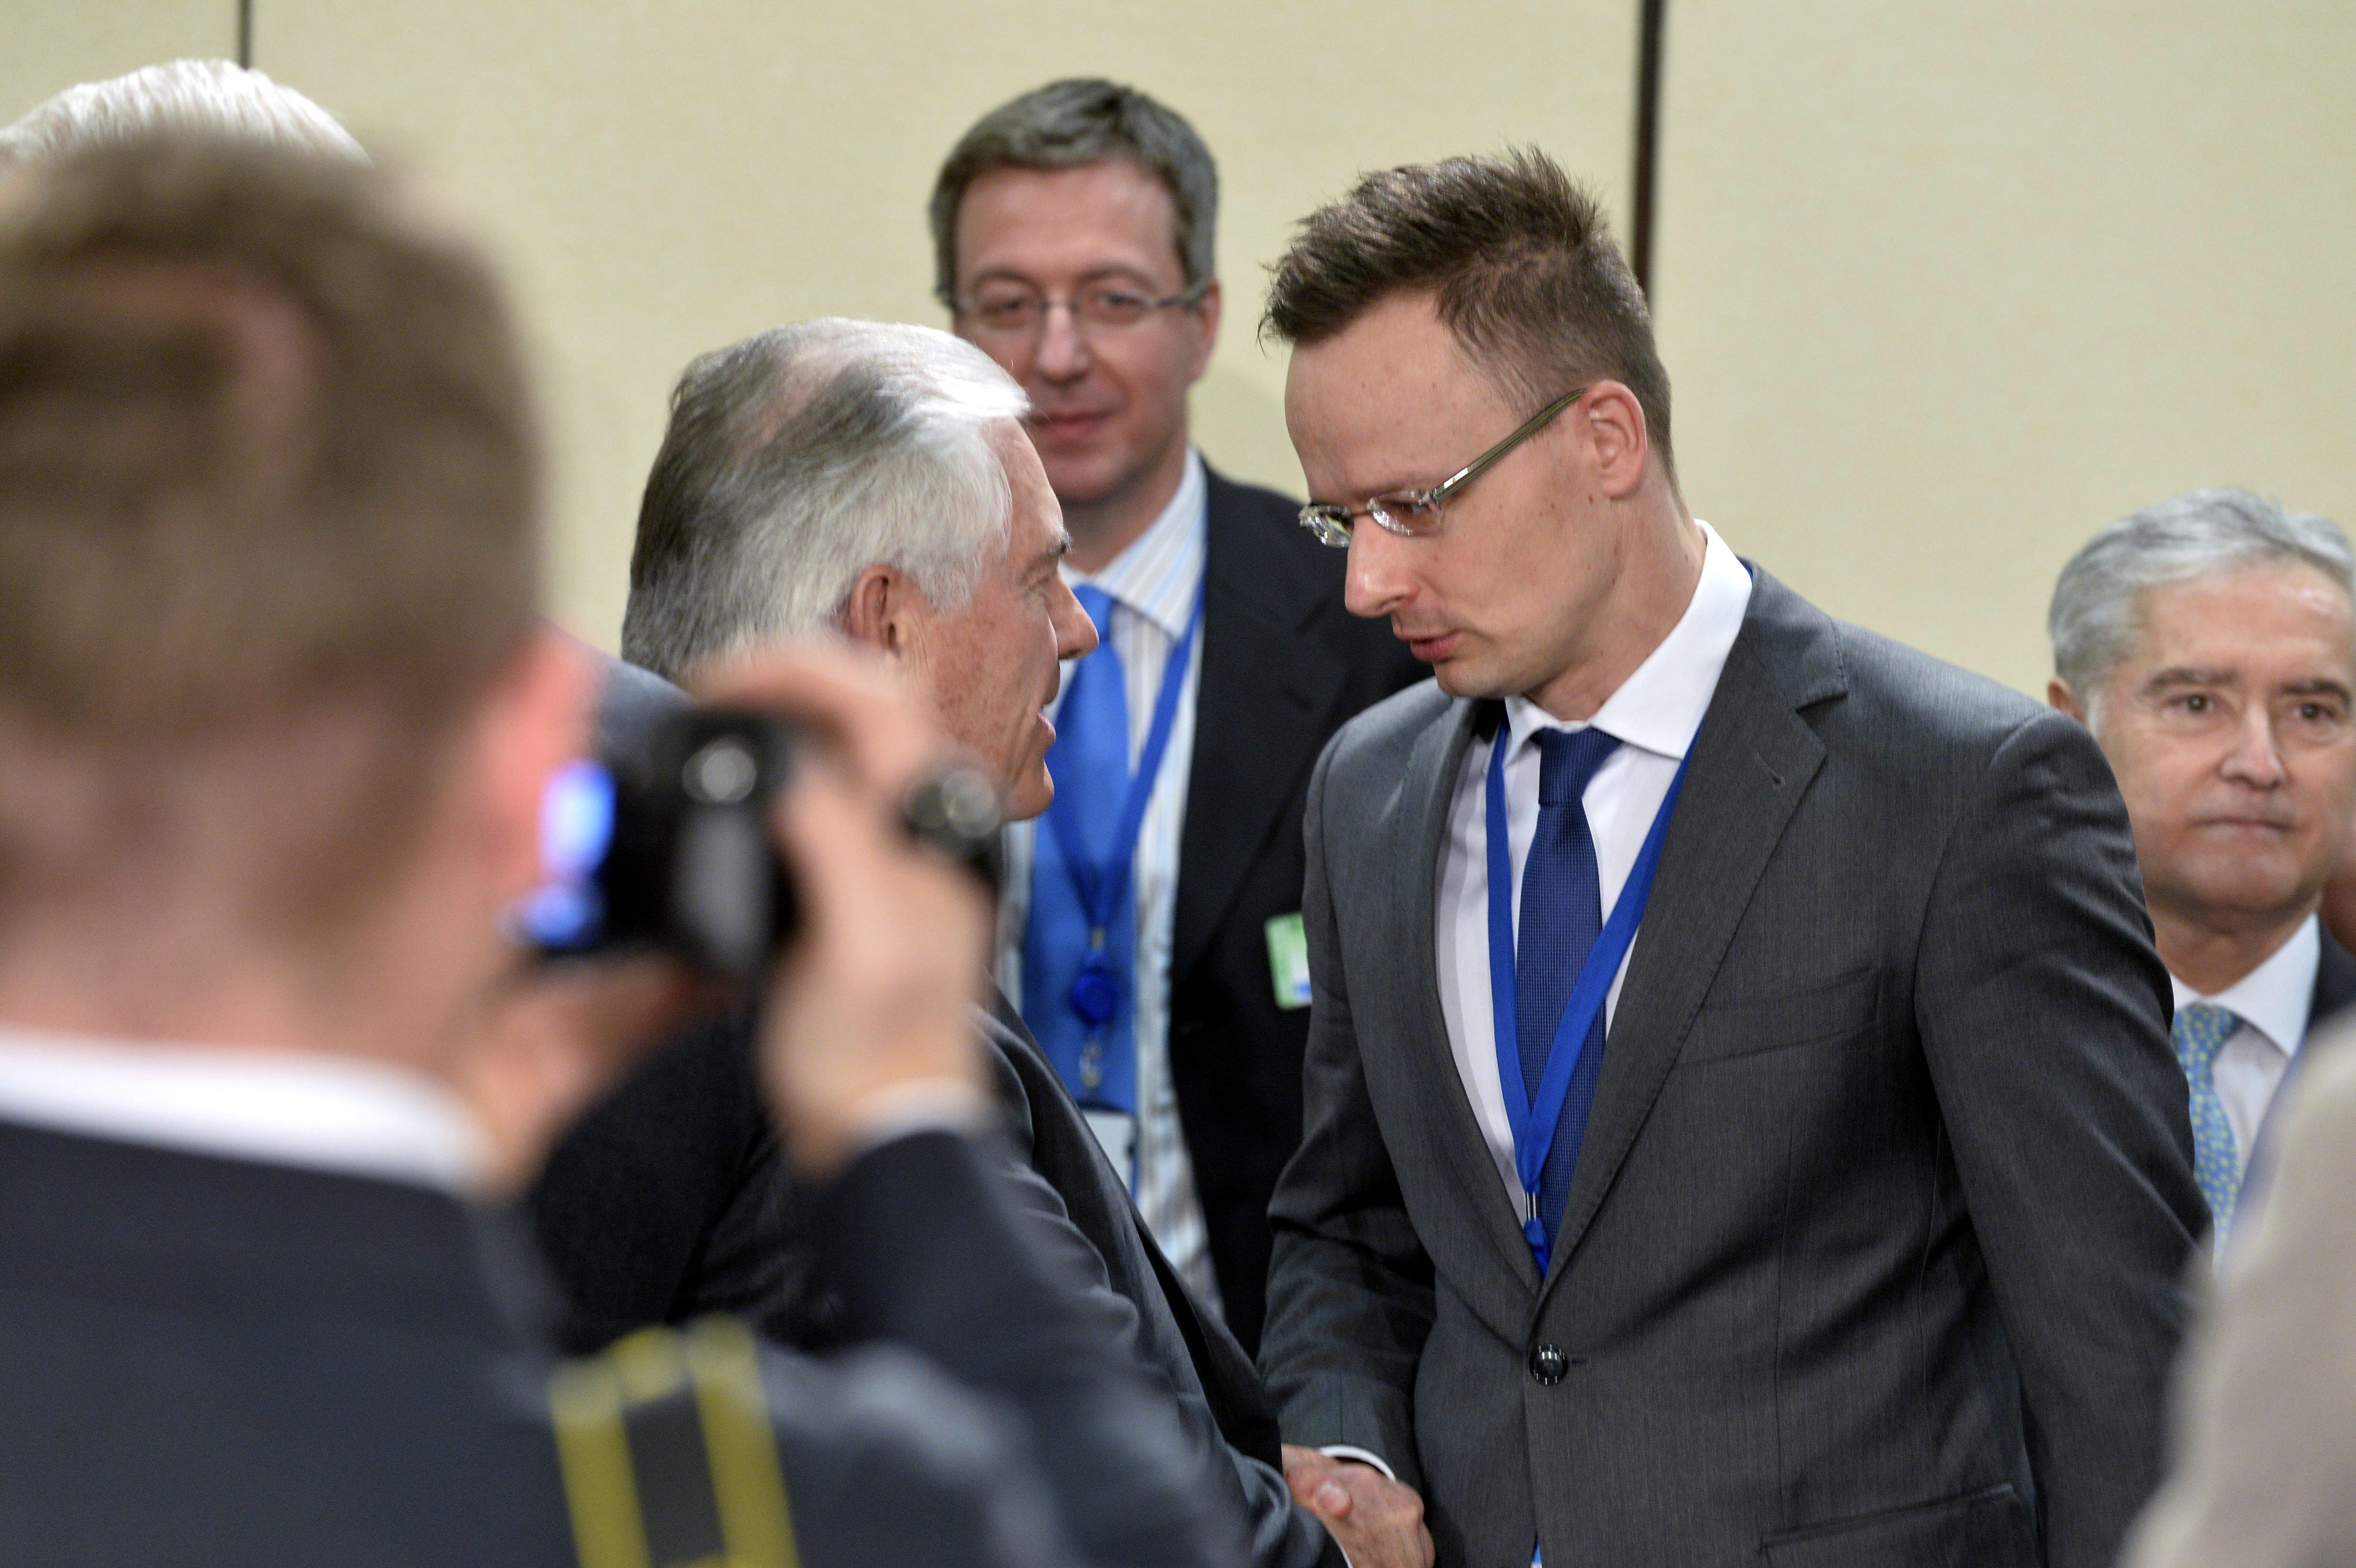 Szijjártó: A magyar kormány továbbra is nyitott tárgyalni a Egyesült Államok szövetségi kormányával a CEU-ról